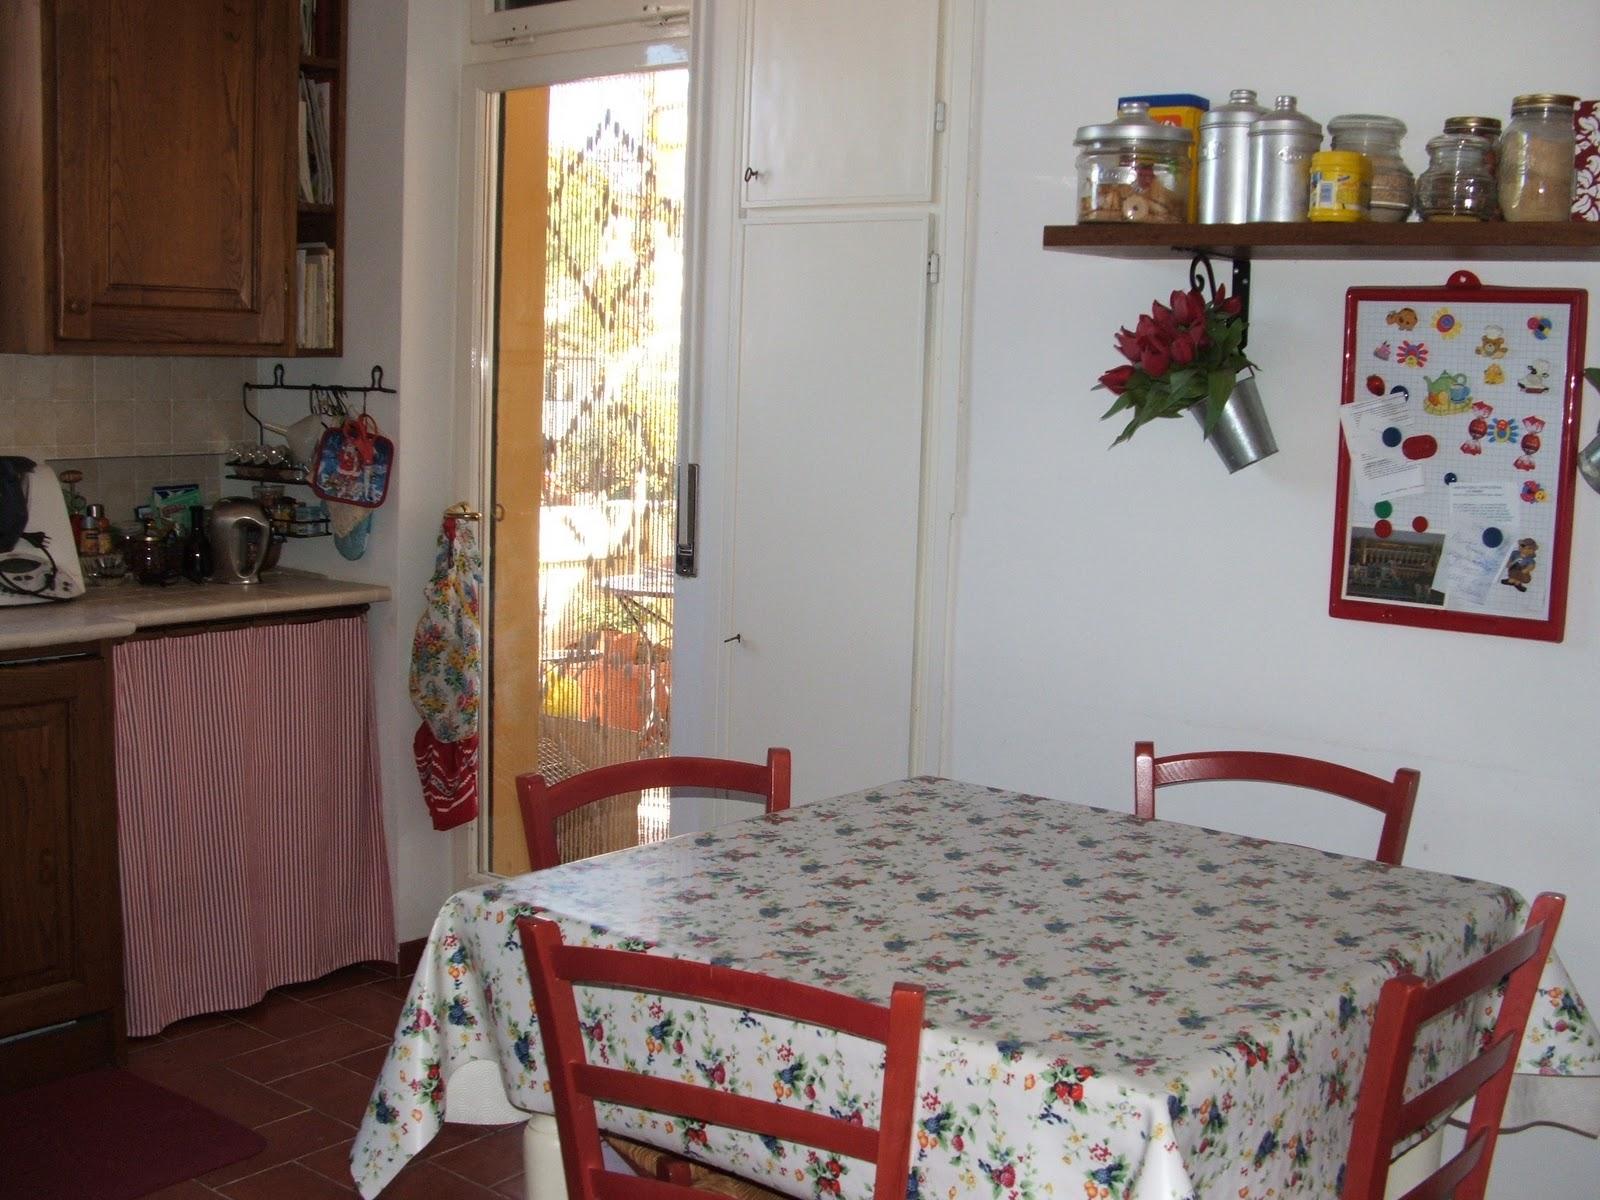 Casa della mamma benvenuti nella mia cucina - Tendine x cucina ...